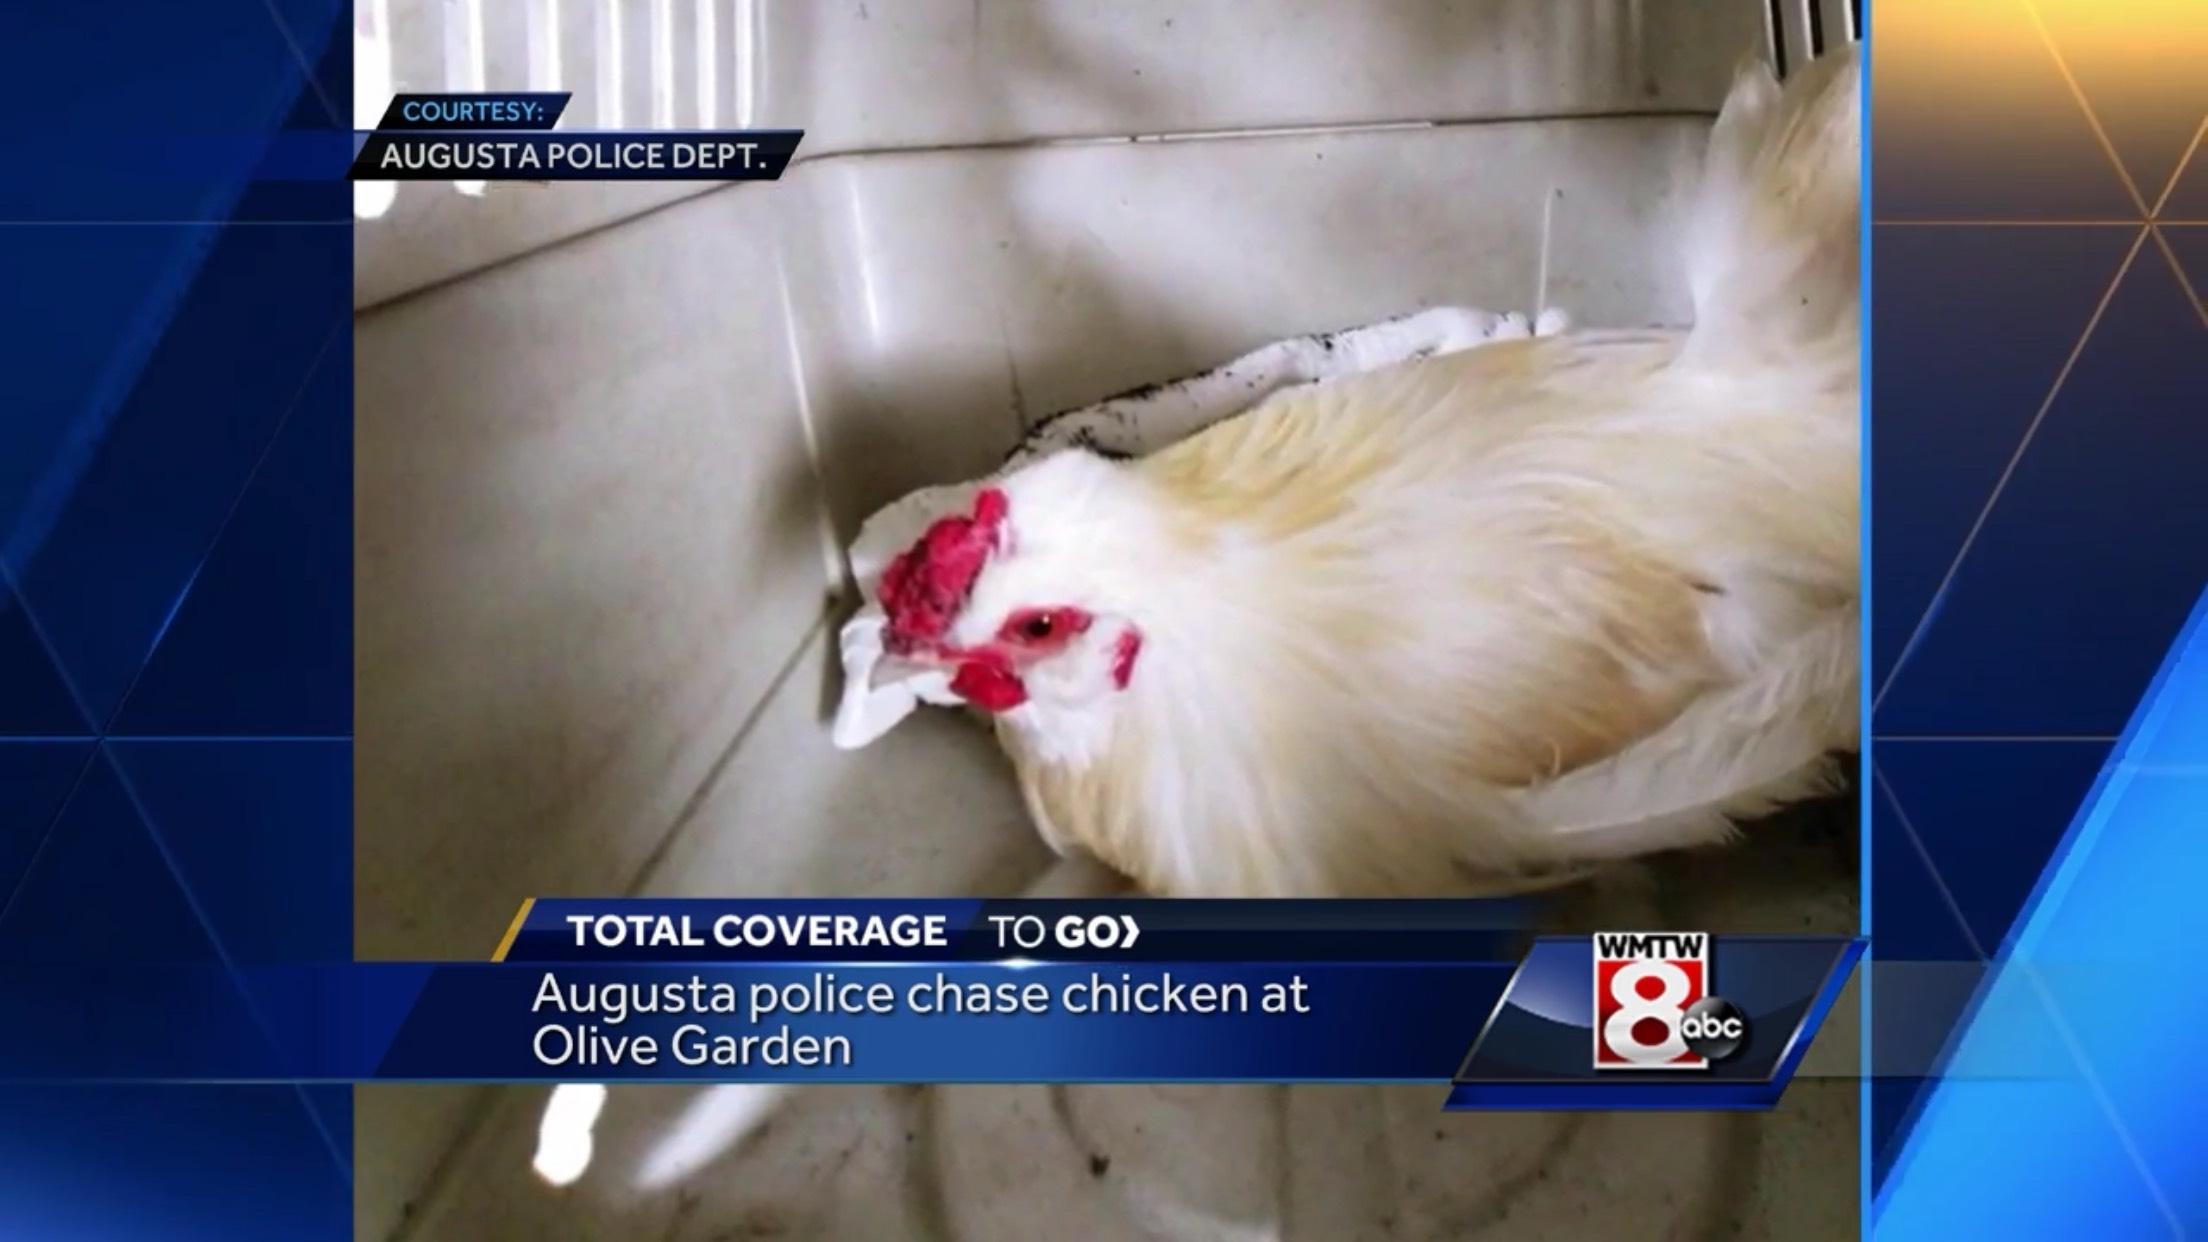 Augusta Police chase chicken at Olive Garden